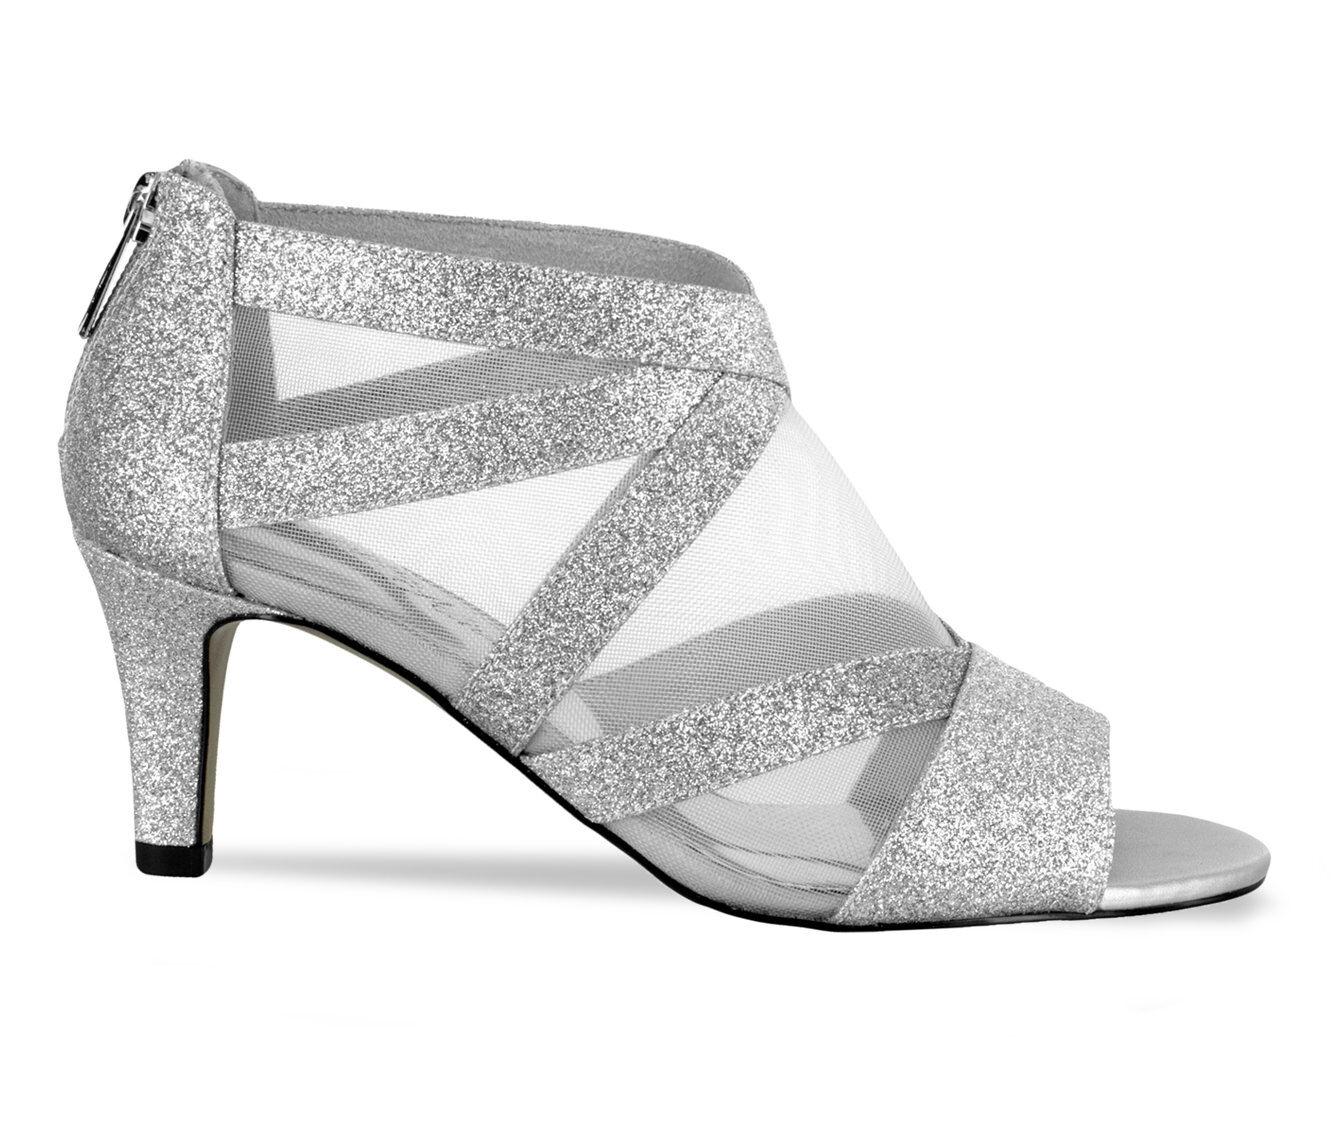 Women's Easy Street Dazzle Heeled Dress Sandals Silver Glitter